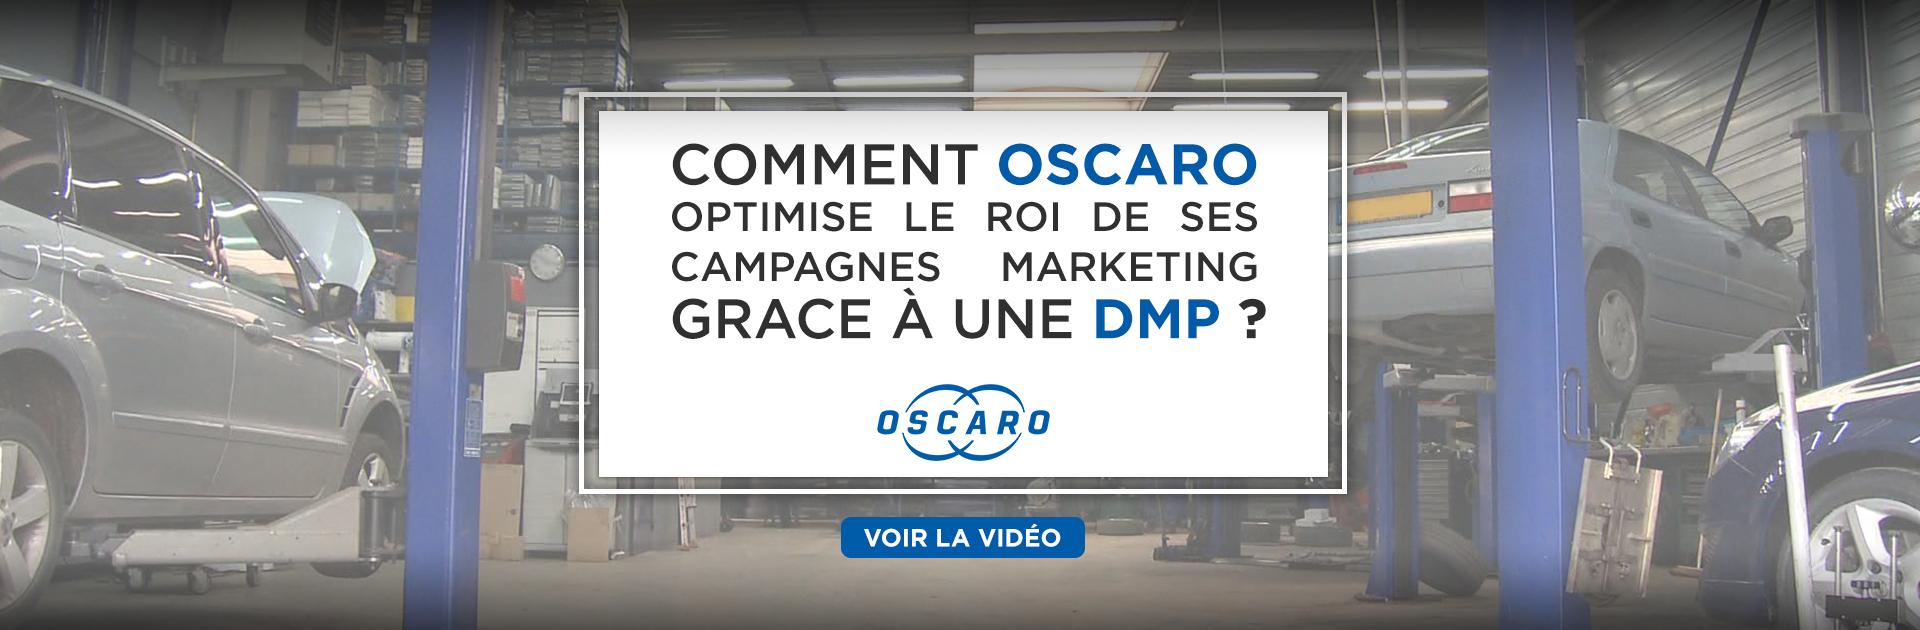 Video : Comment Oscaro optimise le ROI de ses campagnes marketing grâce à une DMP